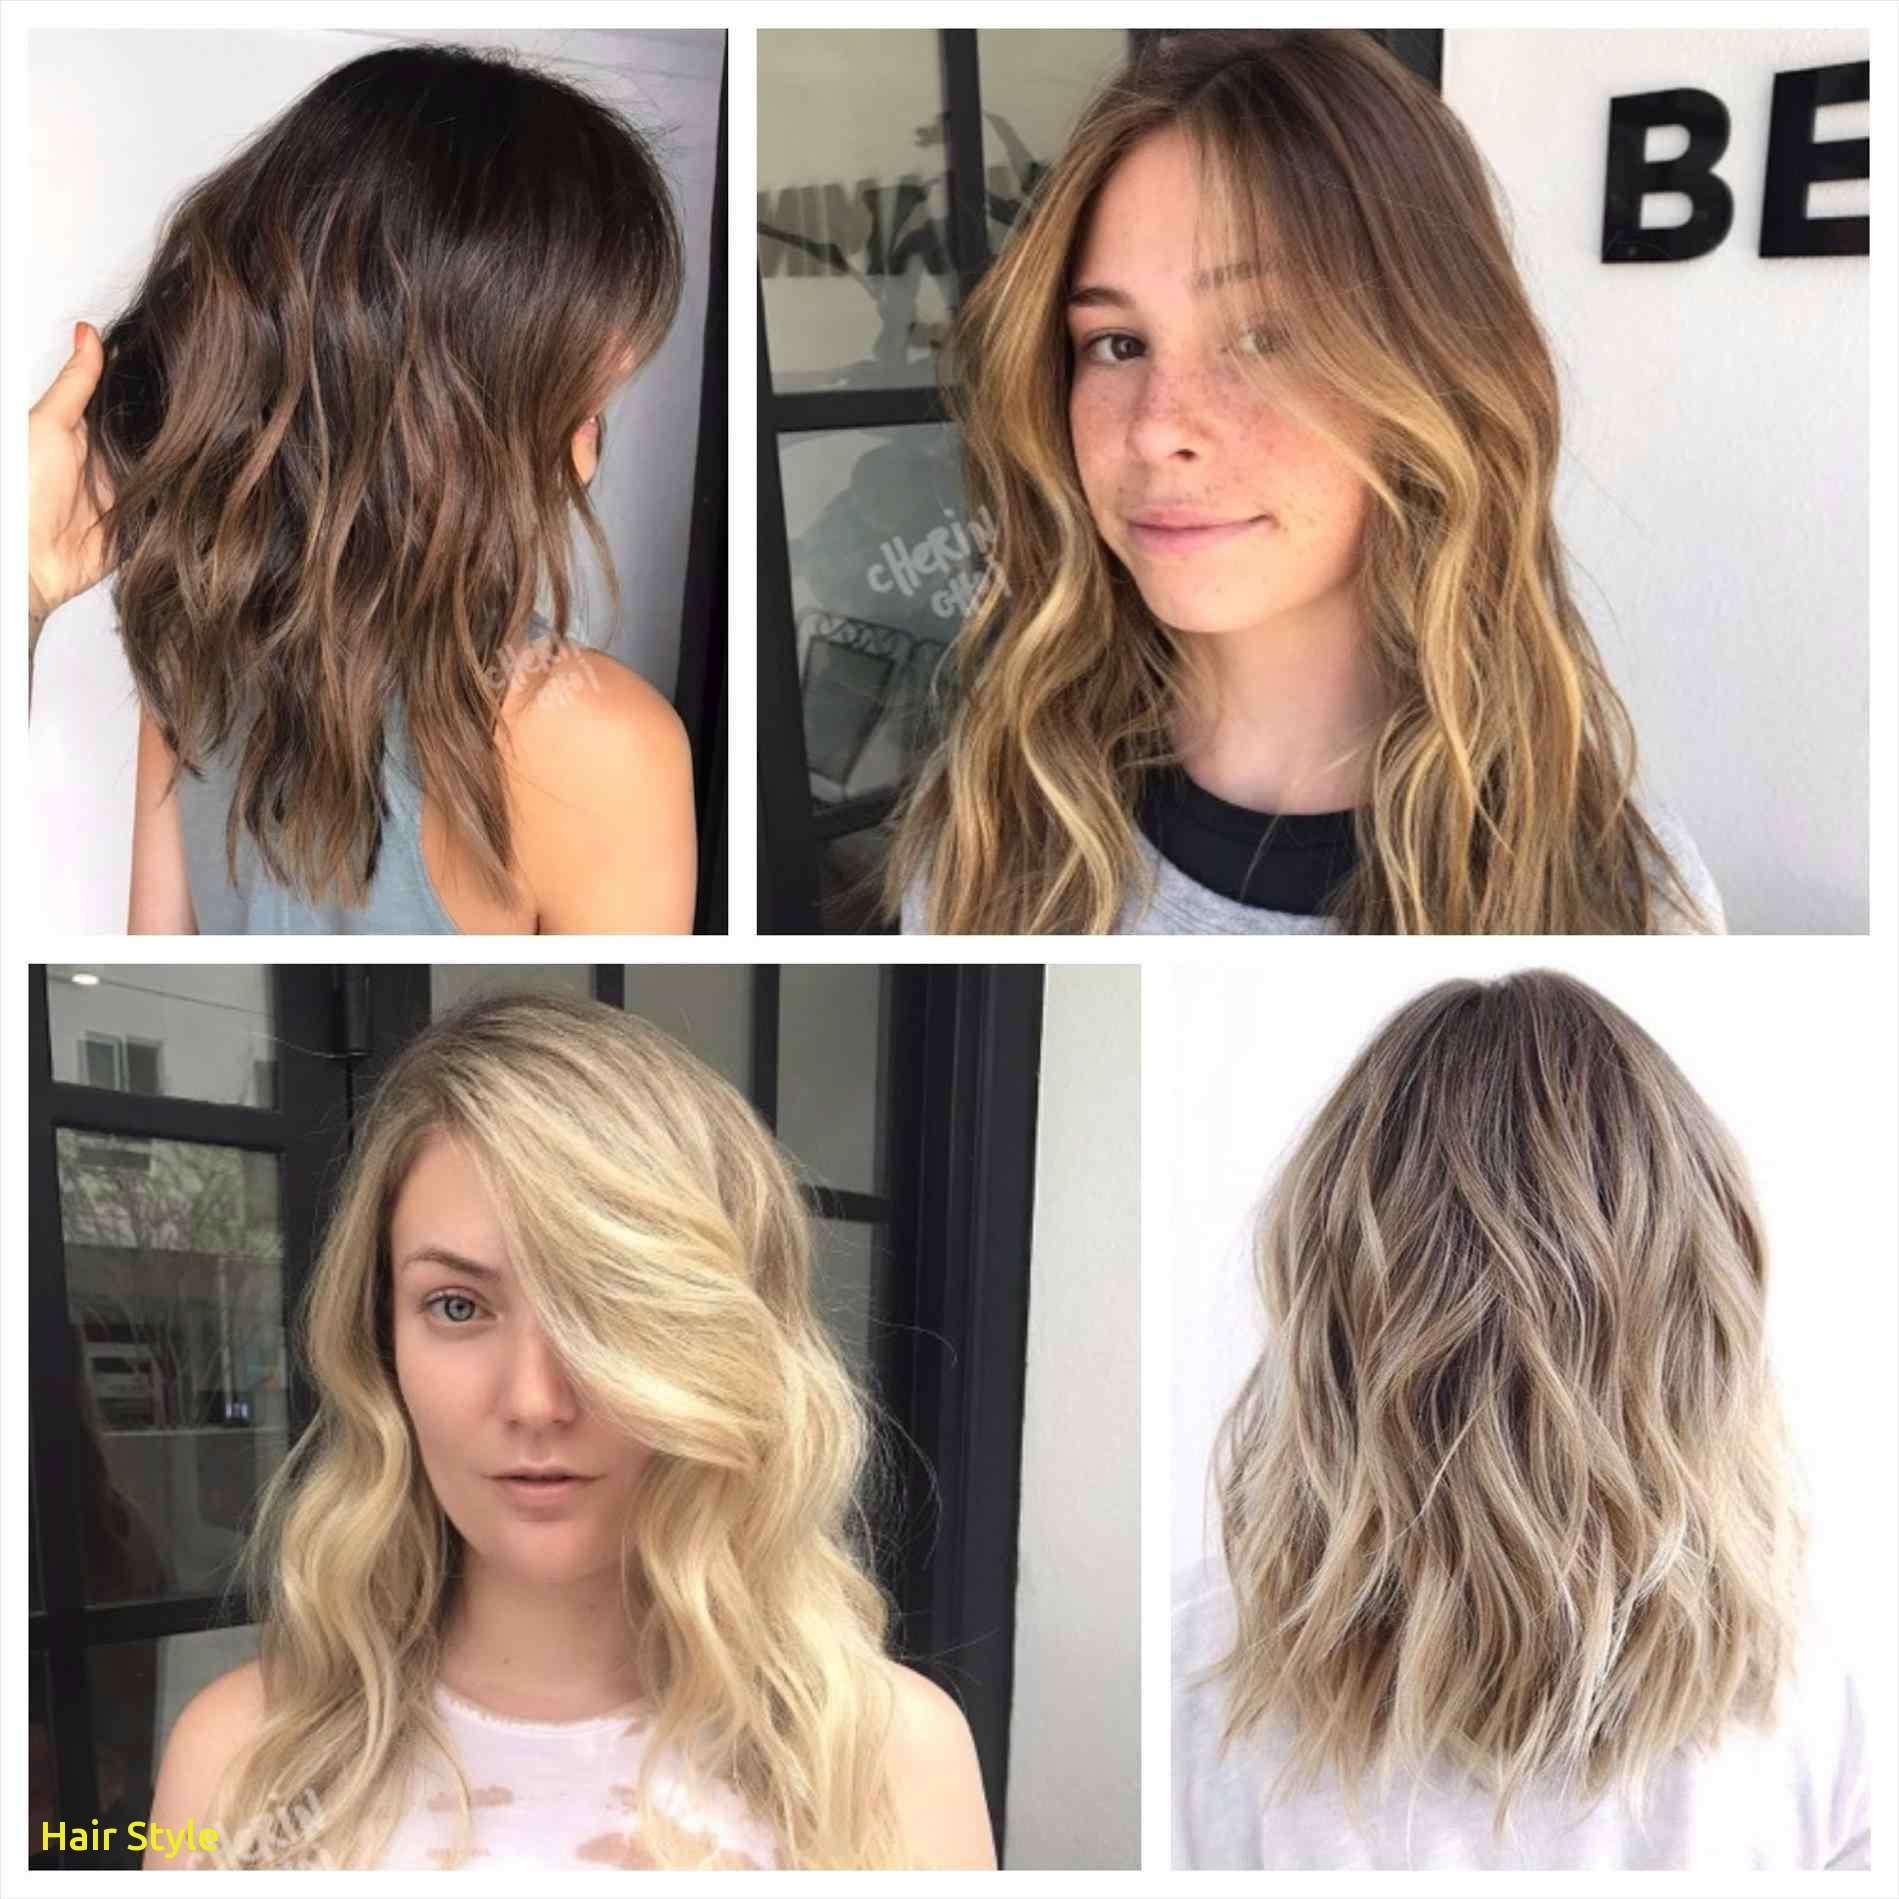 Inspirierende Sommer 2019 Haarfarben Haare Trends 2019 Neue